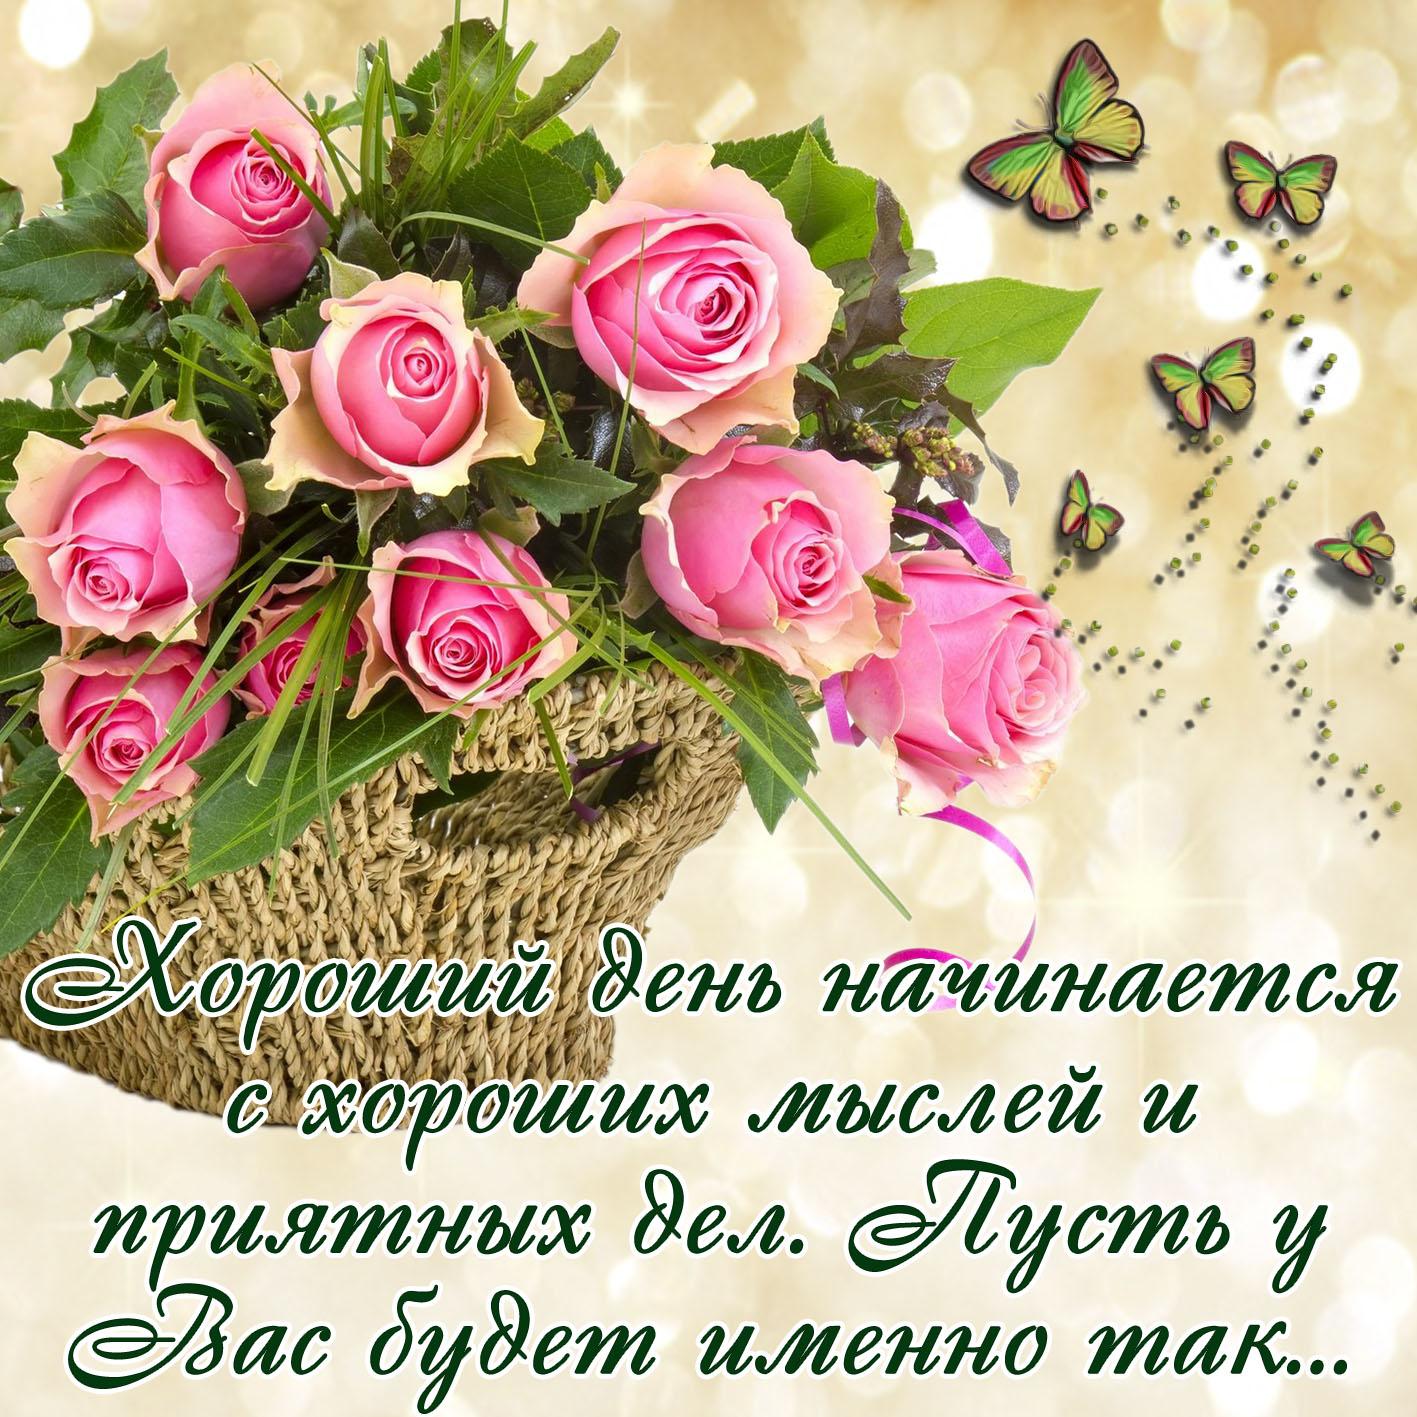 Открытка - корзина с розами и красивое пожелание